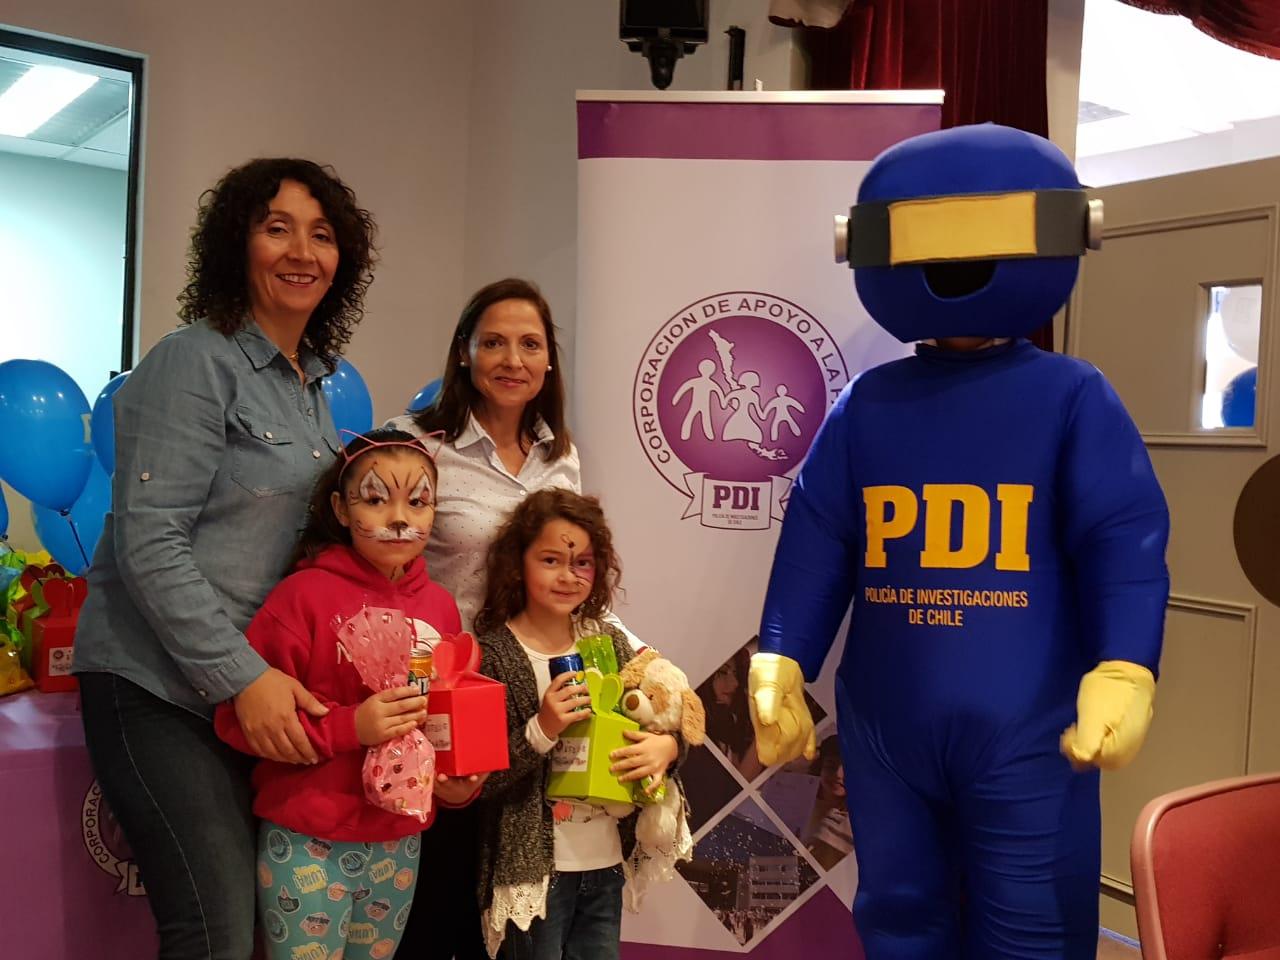 Photo of PDI Iquique celebra el día del niño